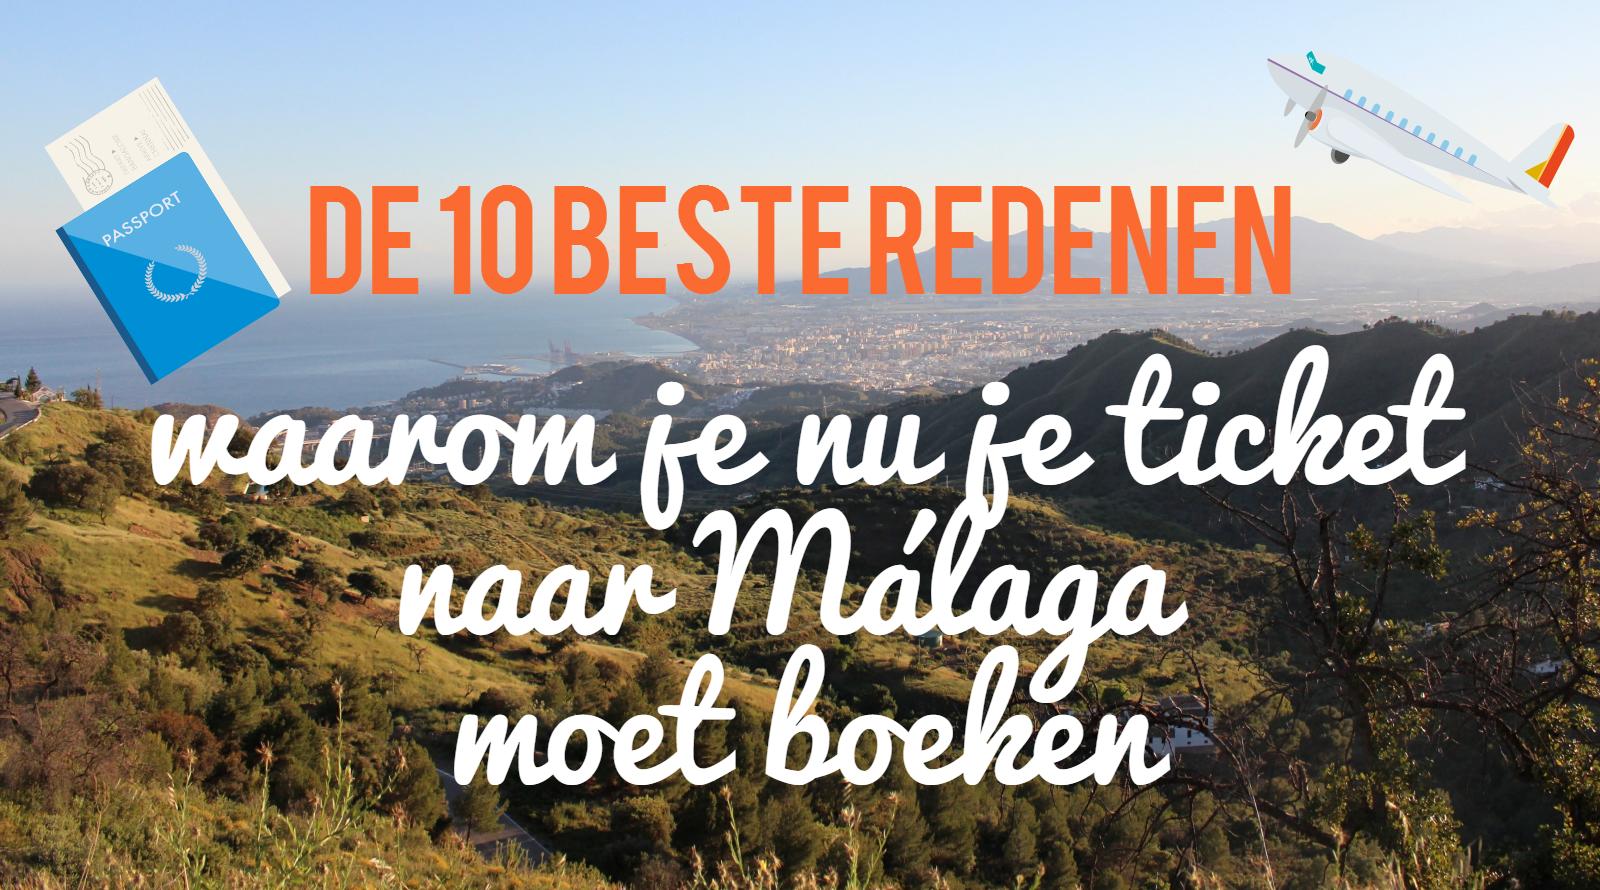 De 10 beste redenen waarom je nu je ticket naar Málaga moet boeken!